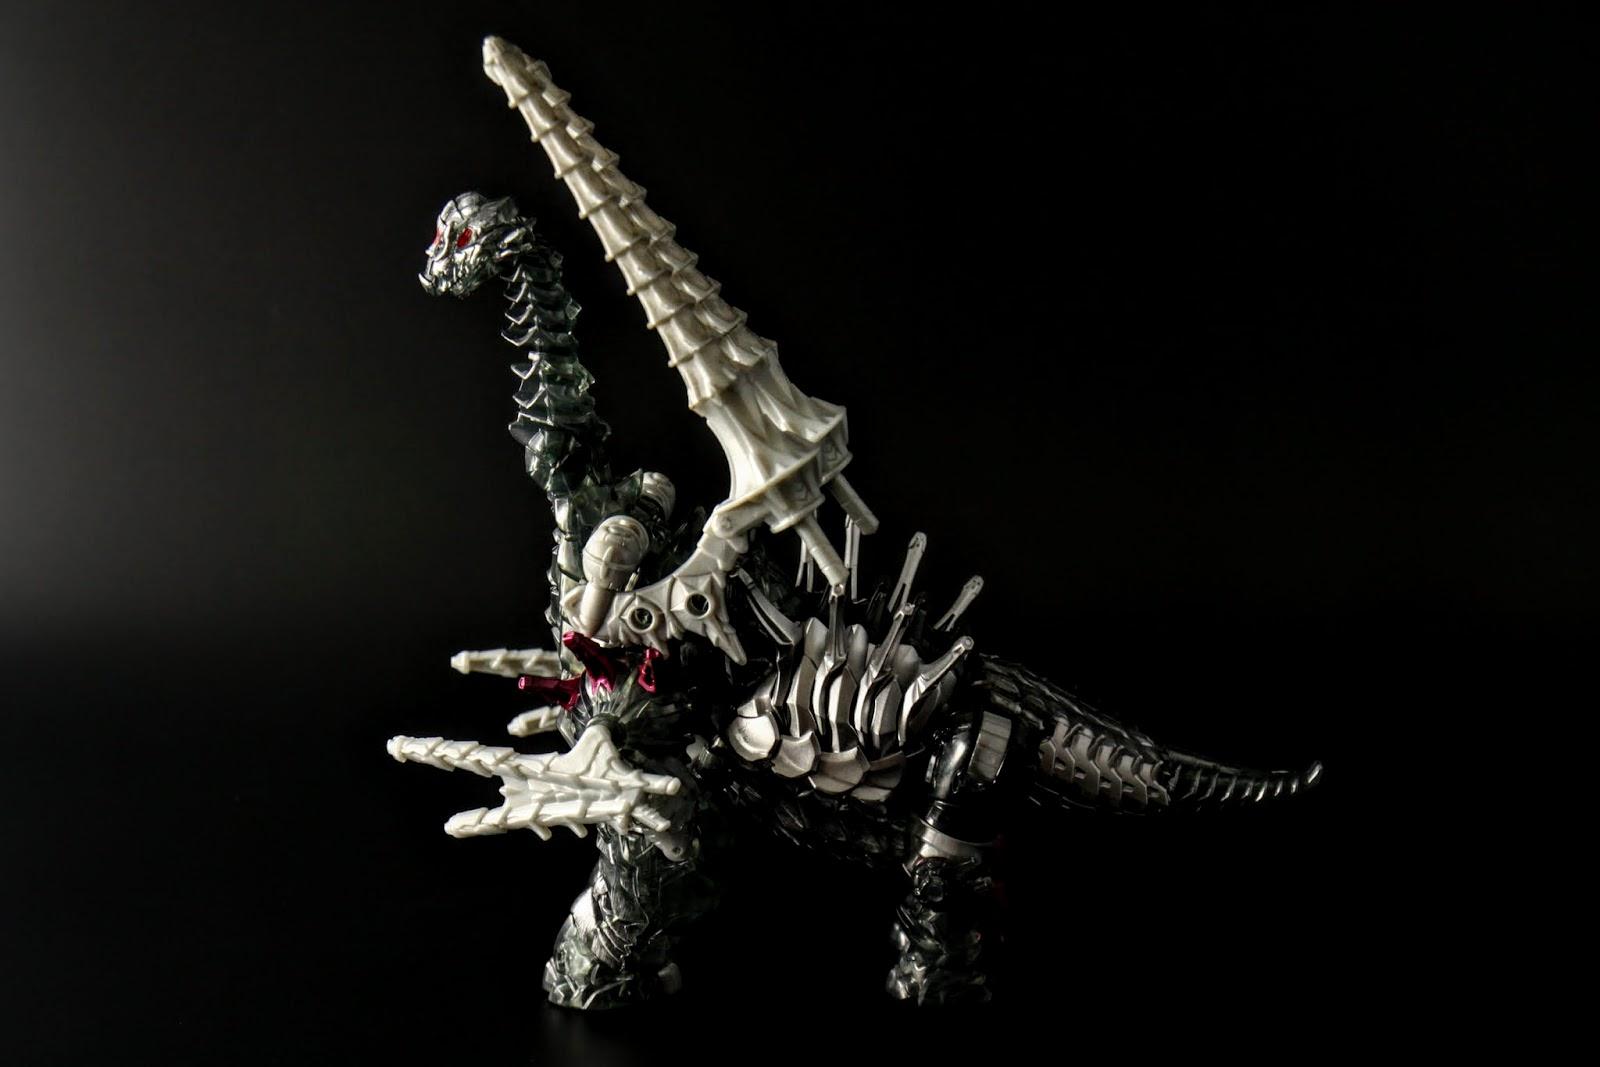 龍型態是腕龍,所以前腳很長,也很高